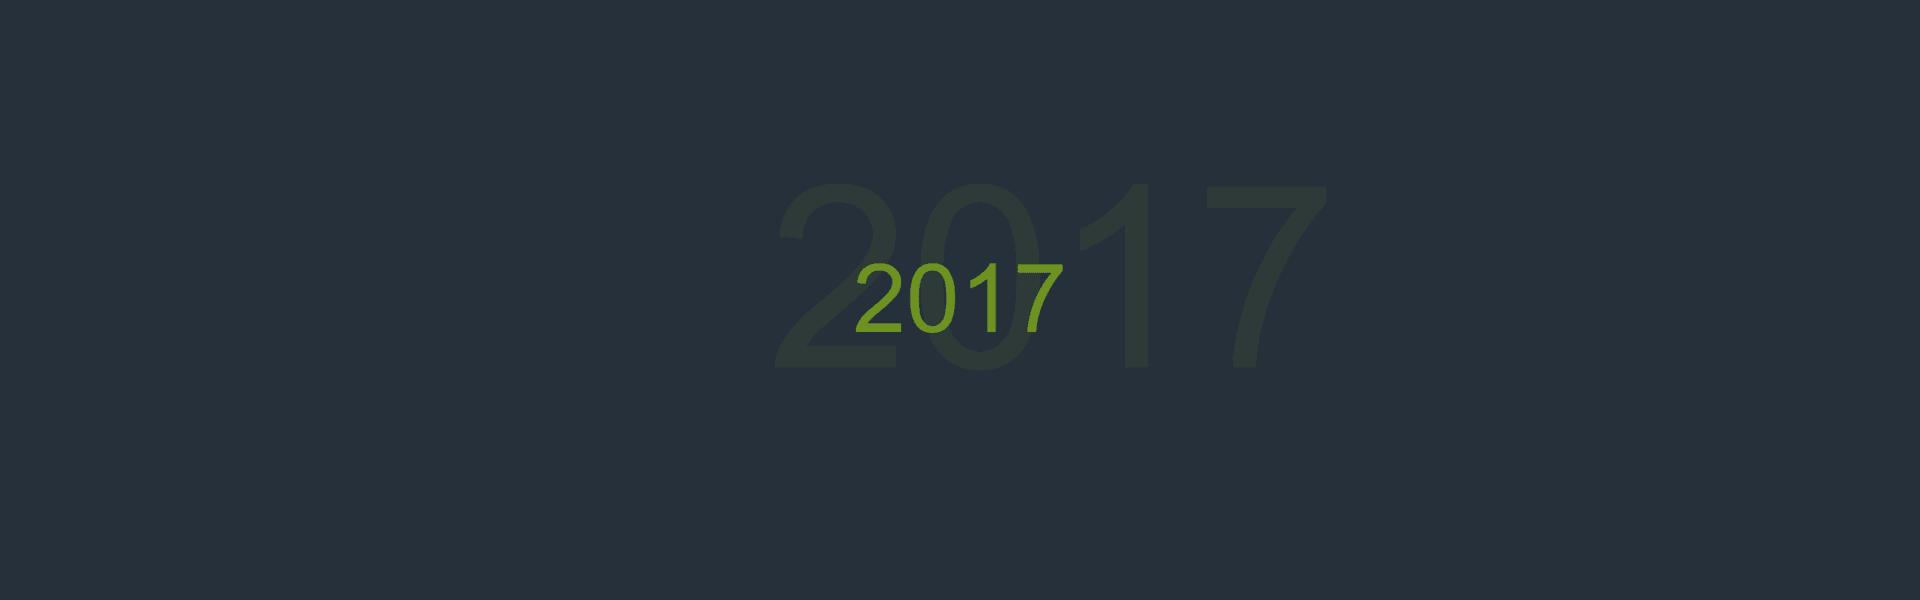 SEO-Konferenzen im Jahr 2017